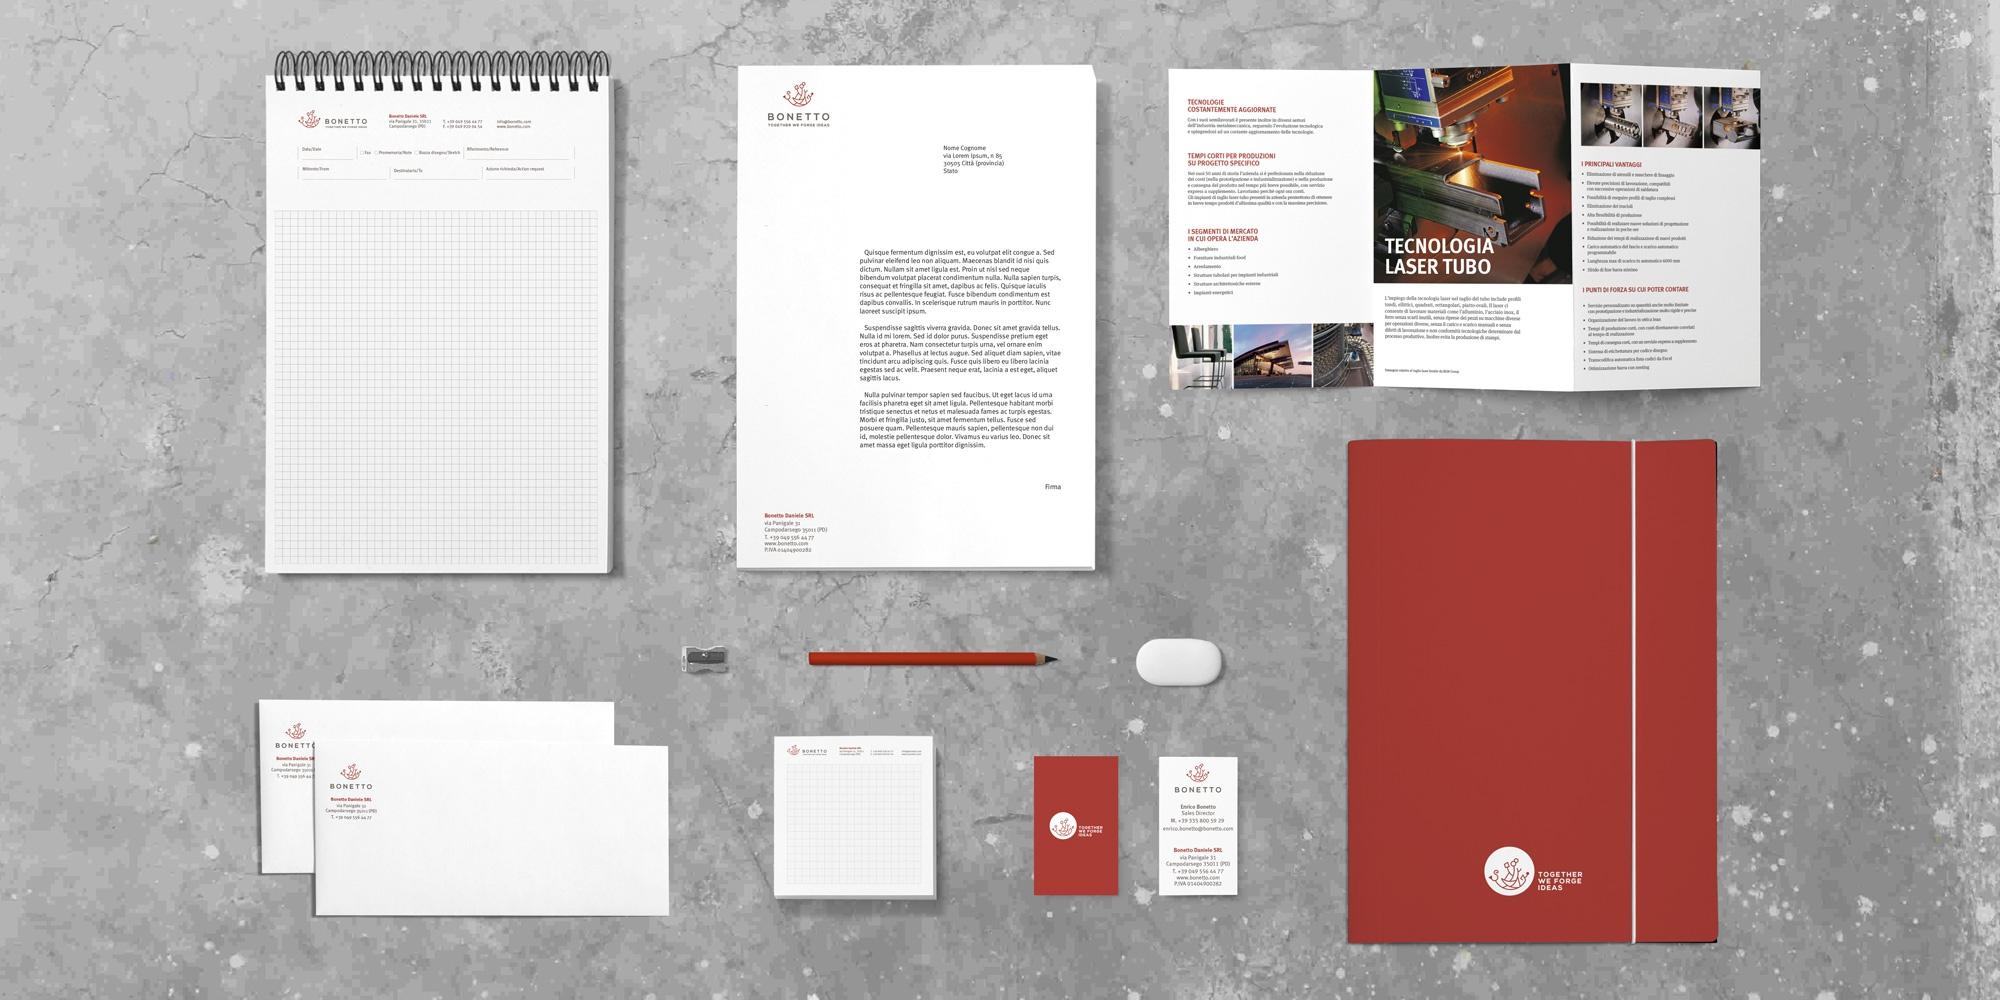 Esempio della modulistica aziendale e dell'immagine coordinata realizzata per Bonetto